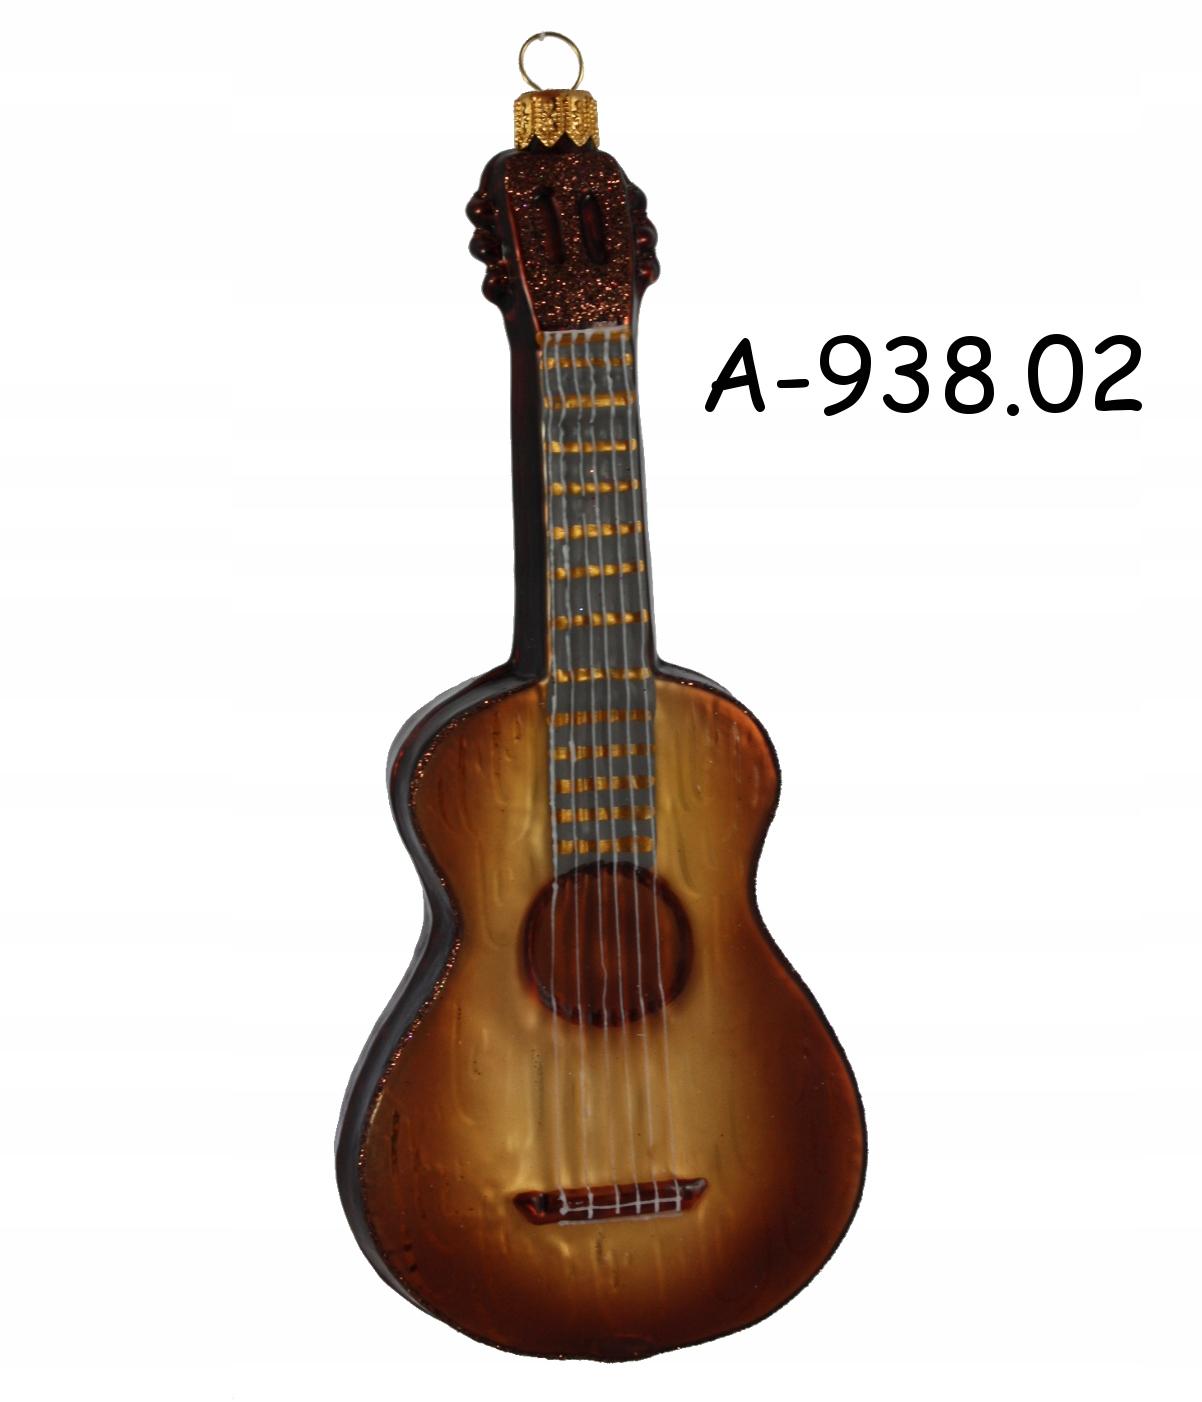 Sklenená figúrka na gitarový ornament